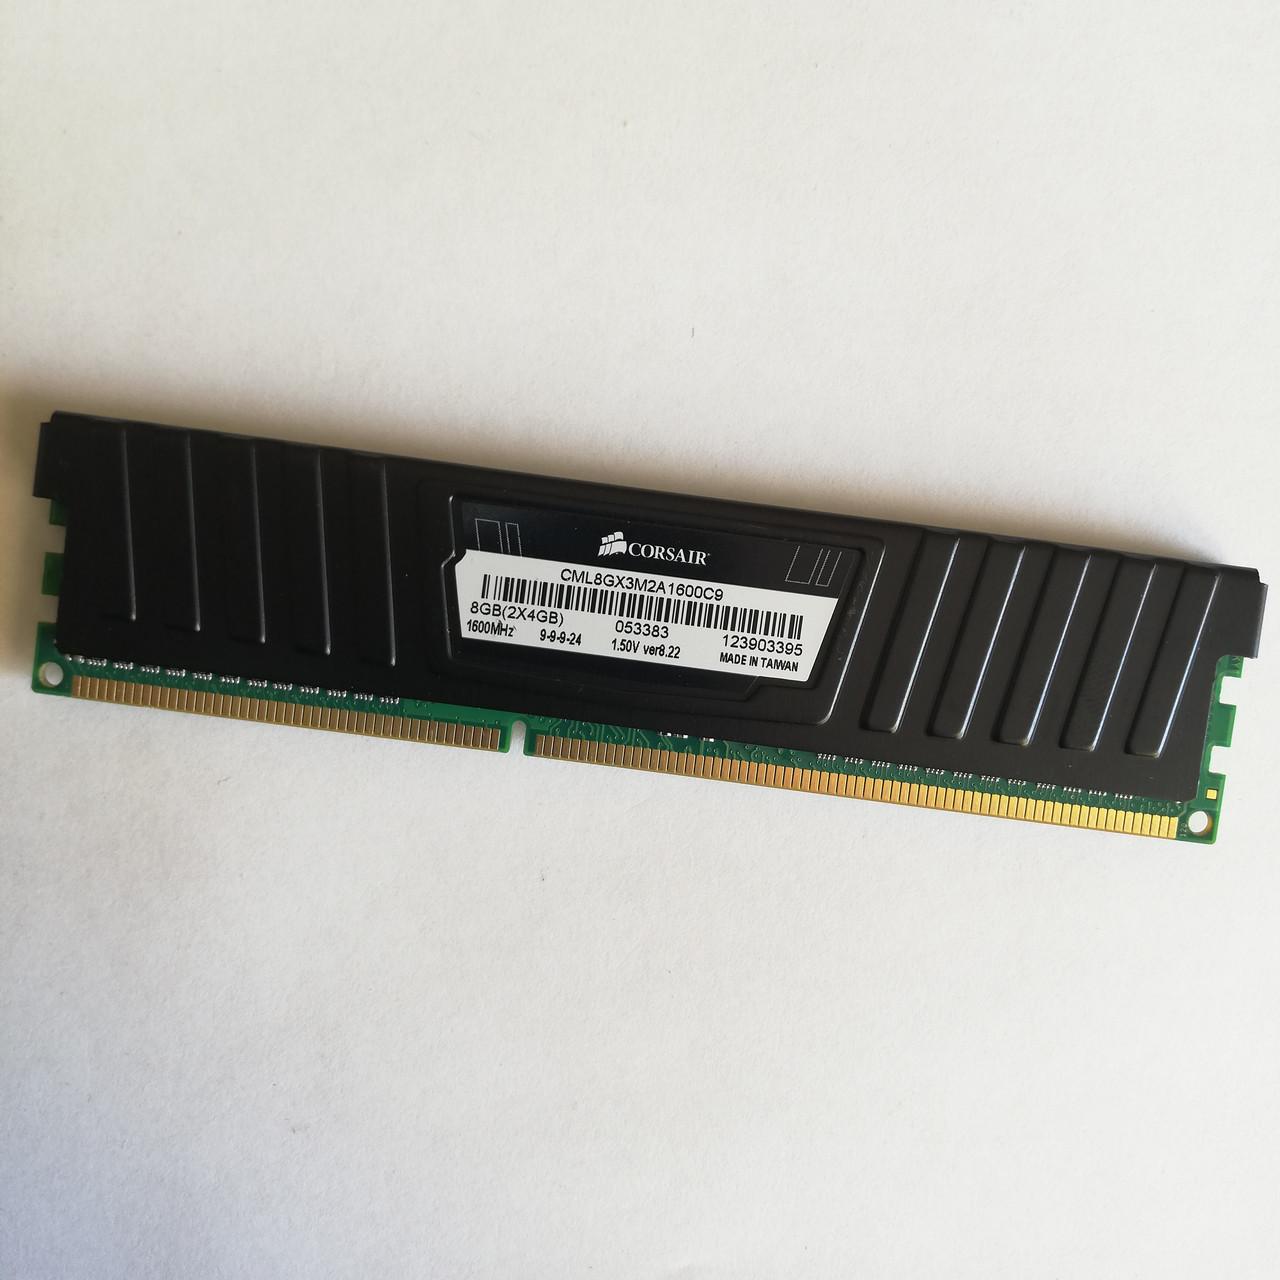 Игровая оперативная память Corsair DDR3 4Gb 1600MHz PC3 12800 CL9 (CML8GX3M2A1600C9) Б/У